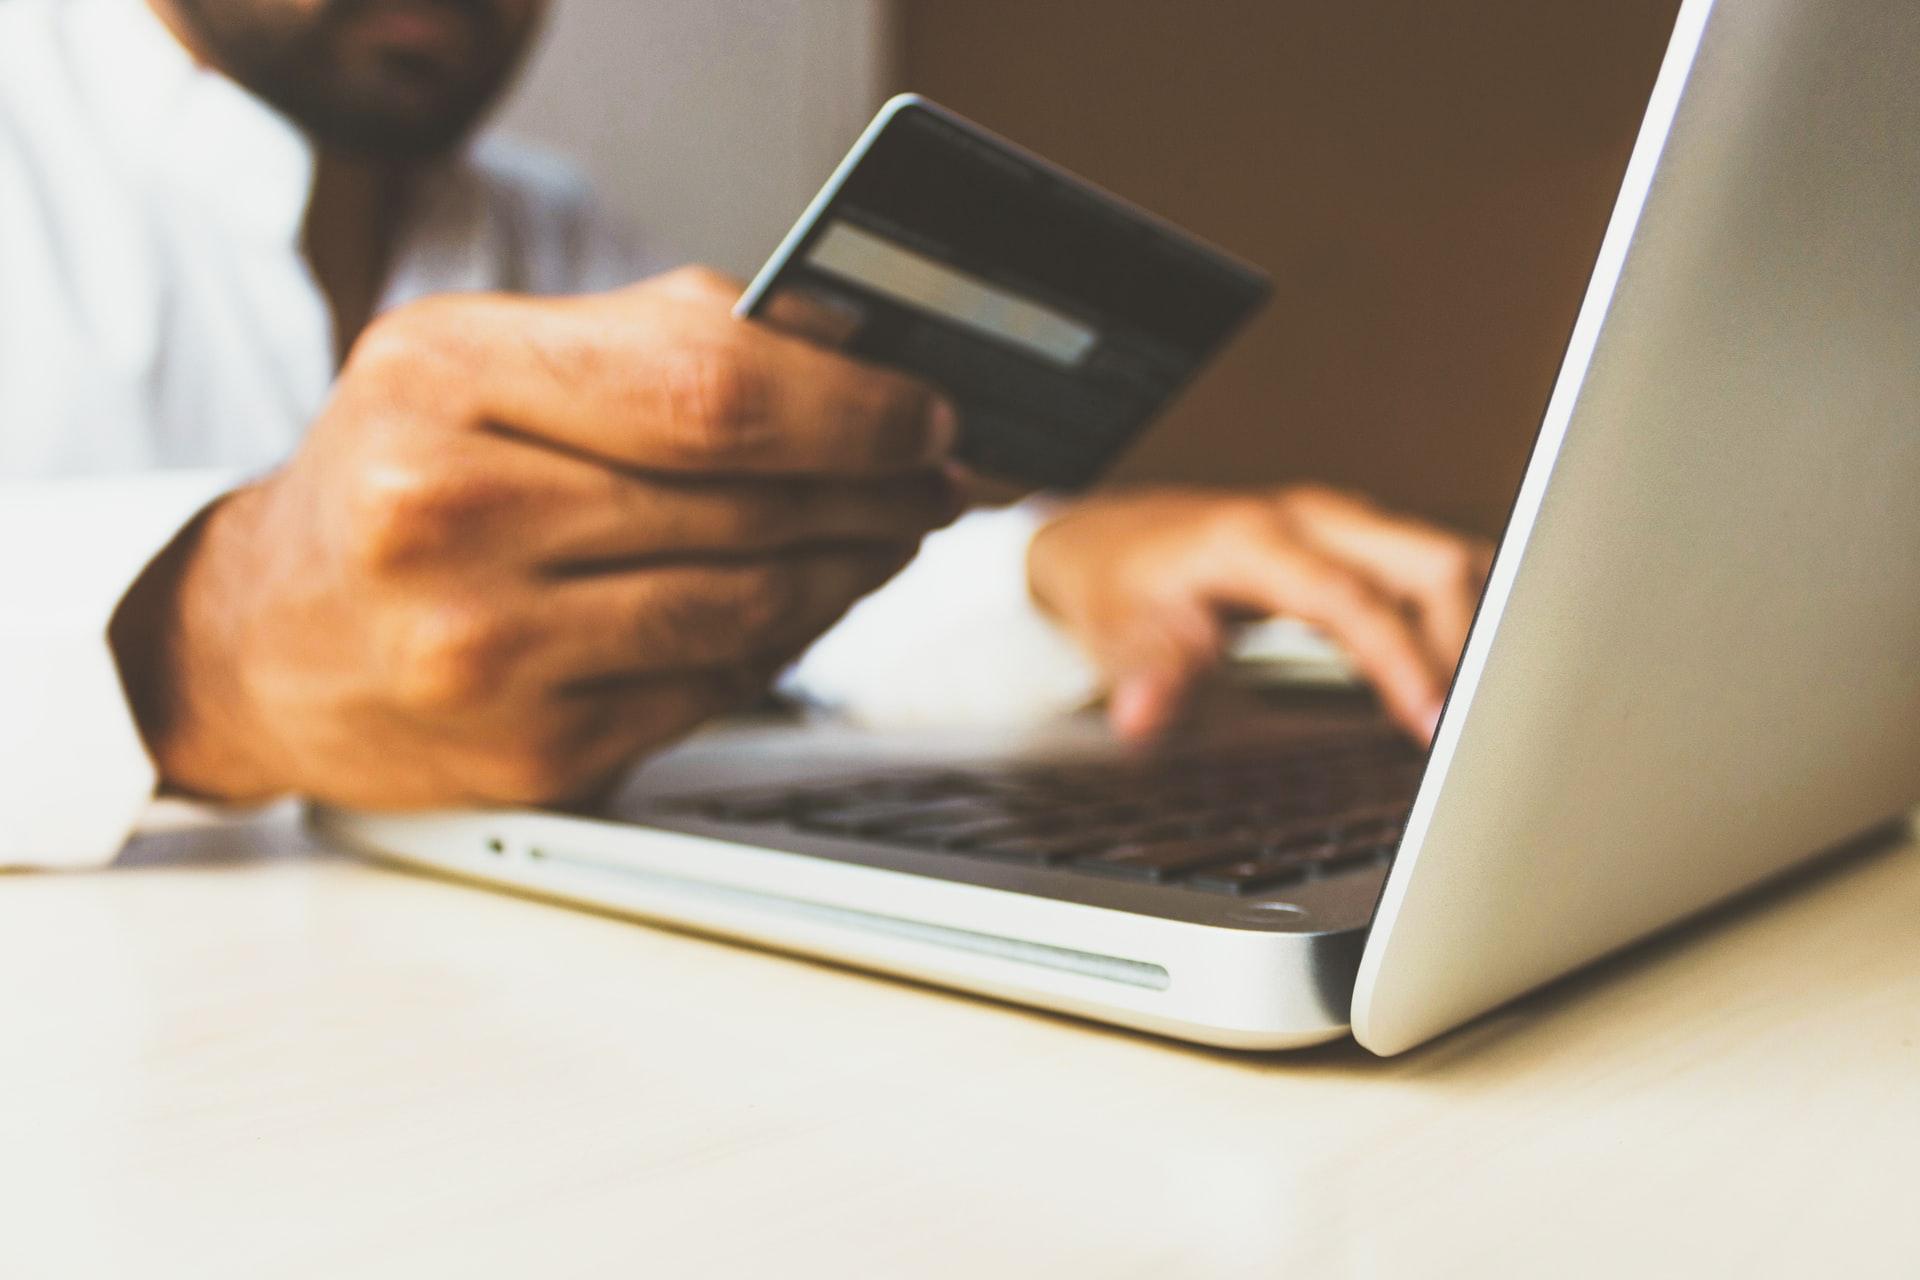 Man betalar med sitt kontokort via laptop